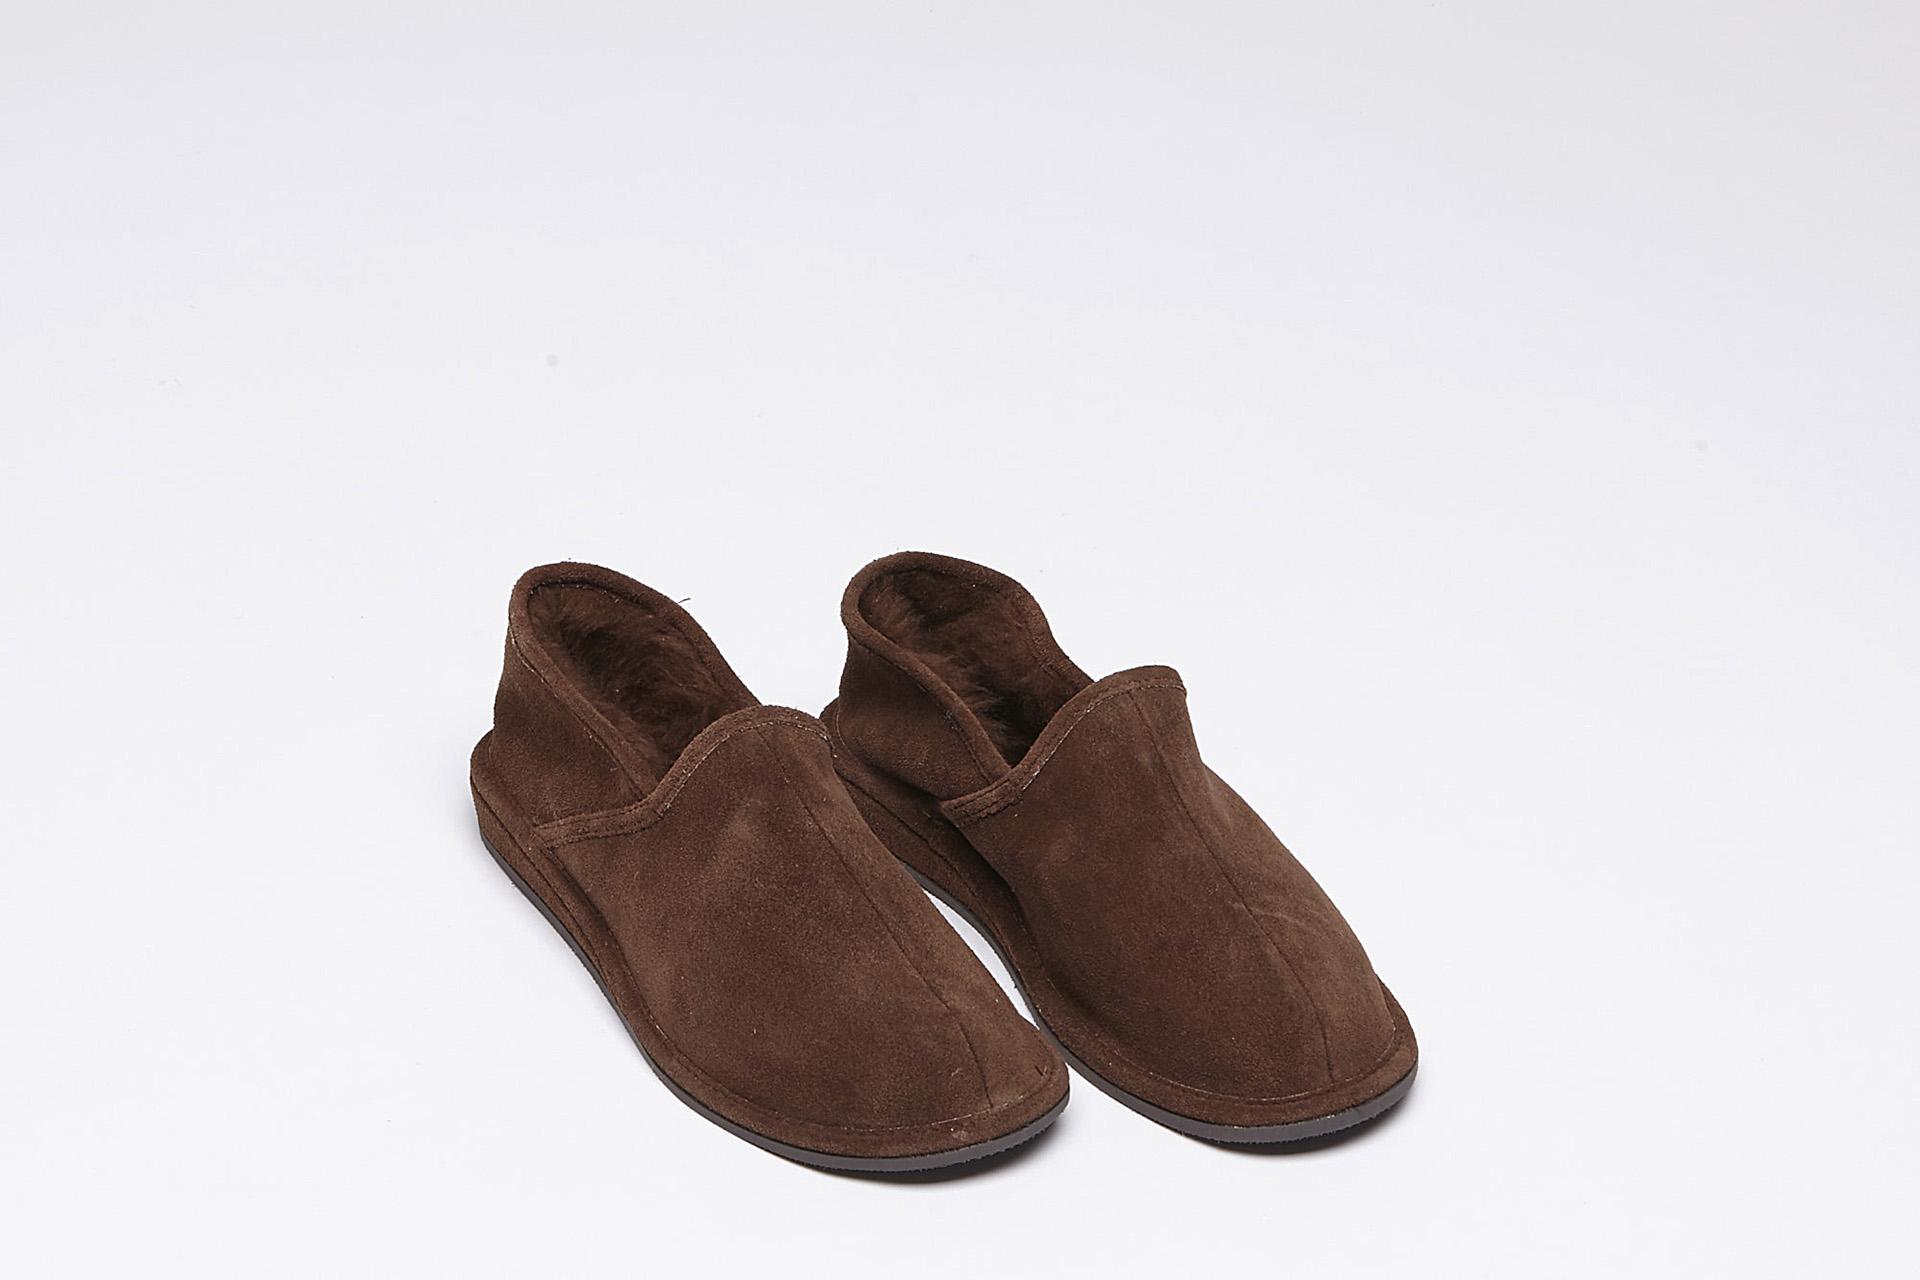 ac2258270a5d47 Wollen pantoffels - heren - Schapenhouderij Rob Adriaans